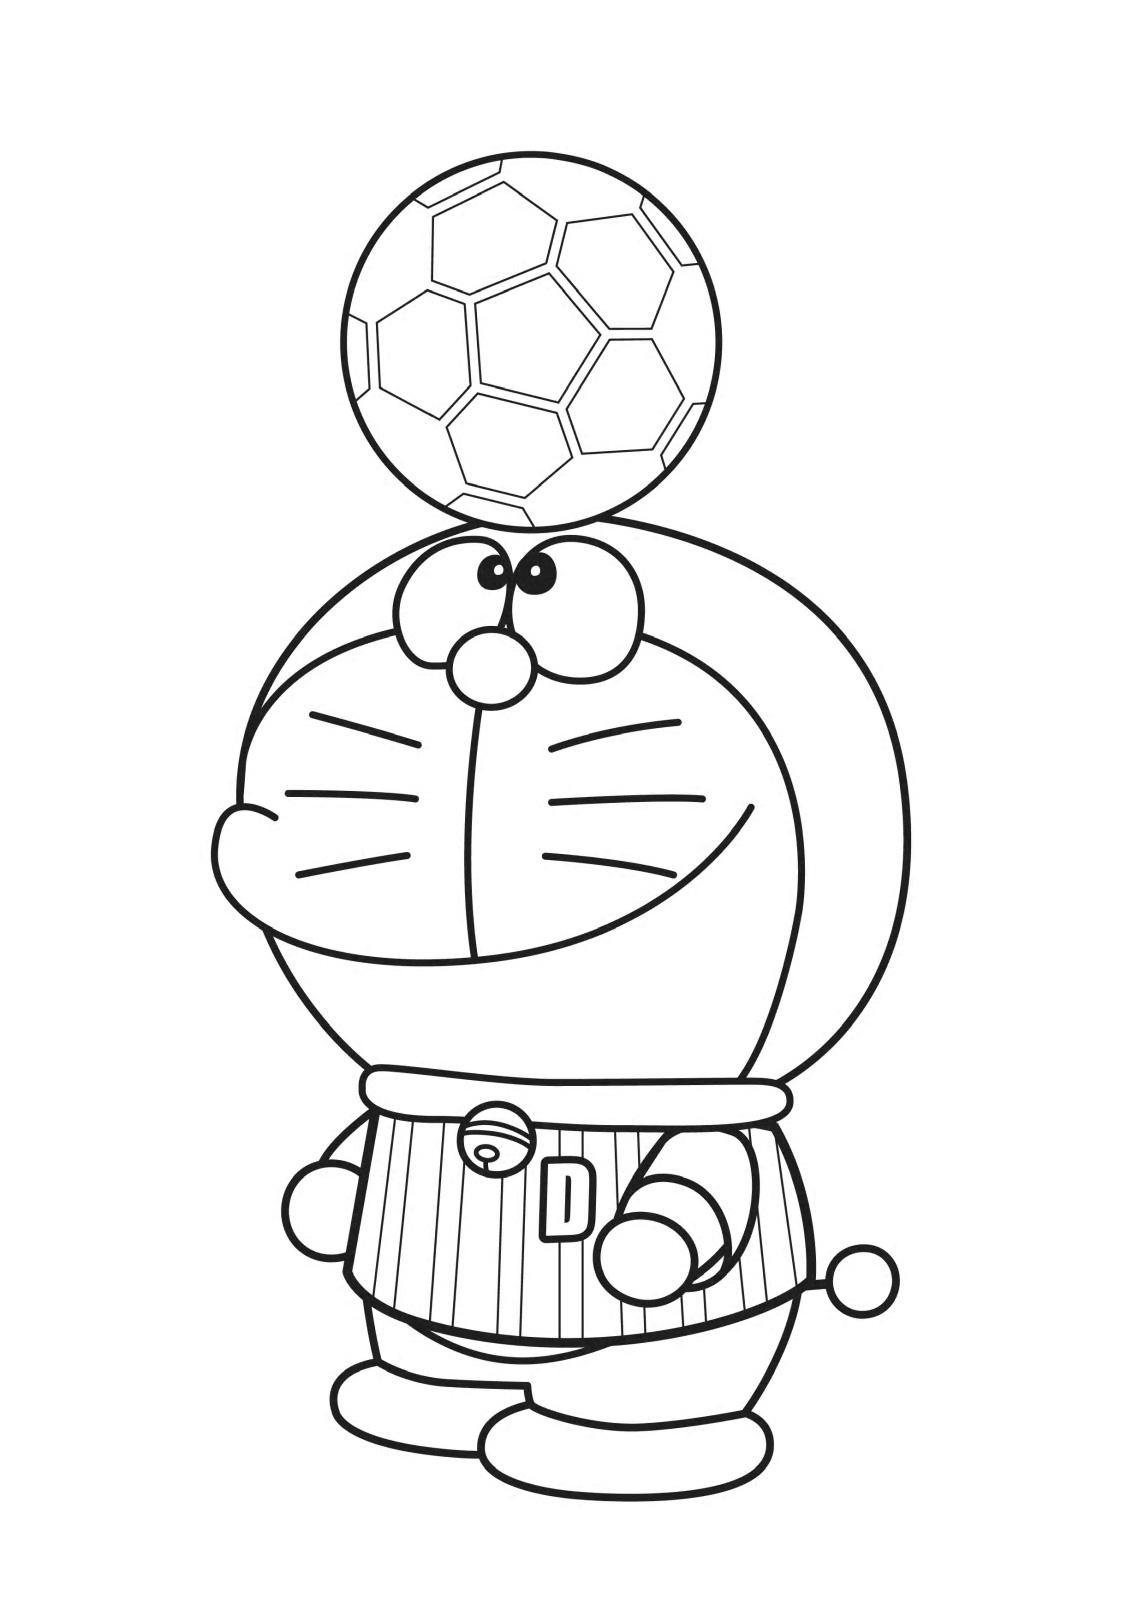 Immagini bambini doraemon giochi di doraemon for Doraemon immagini da colorare